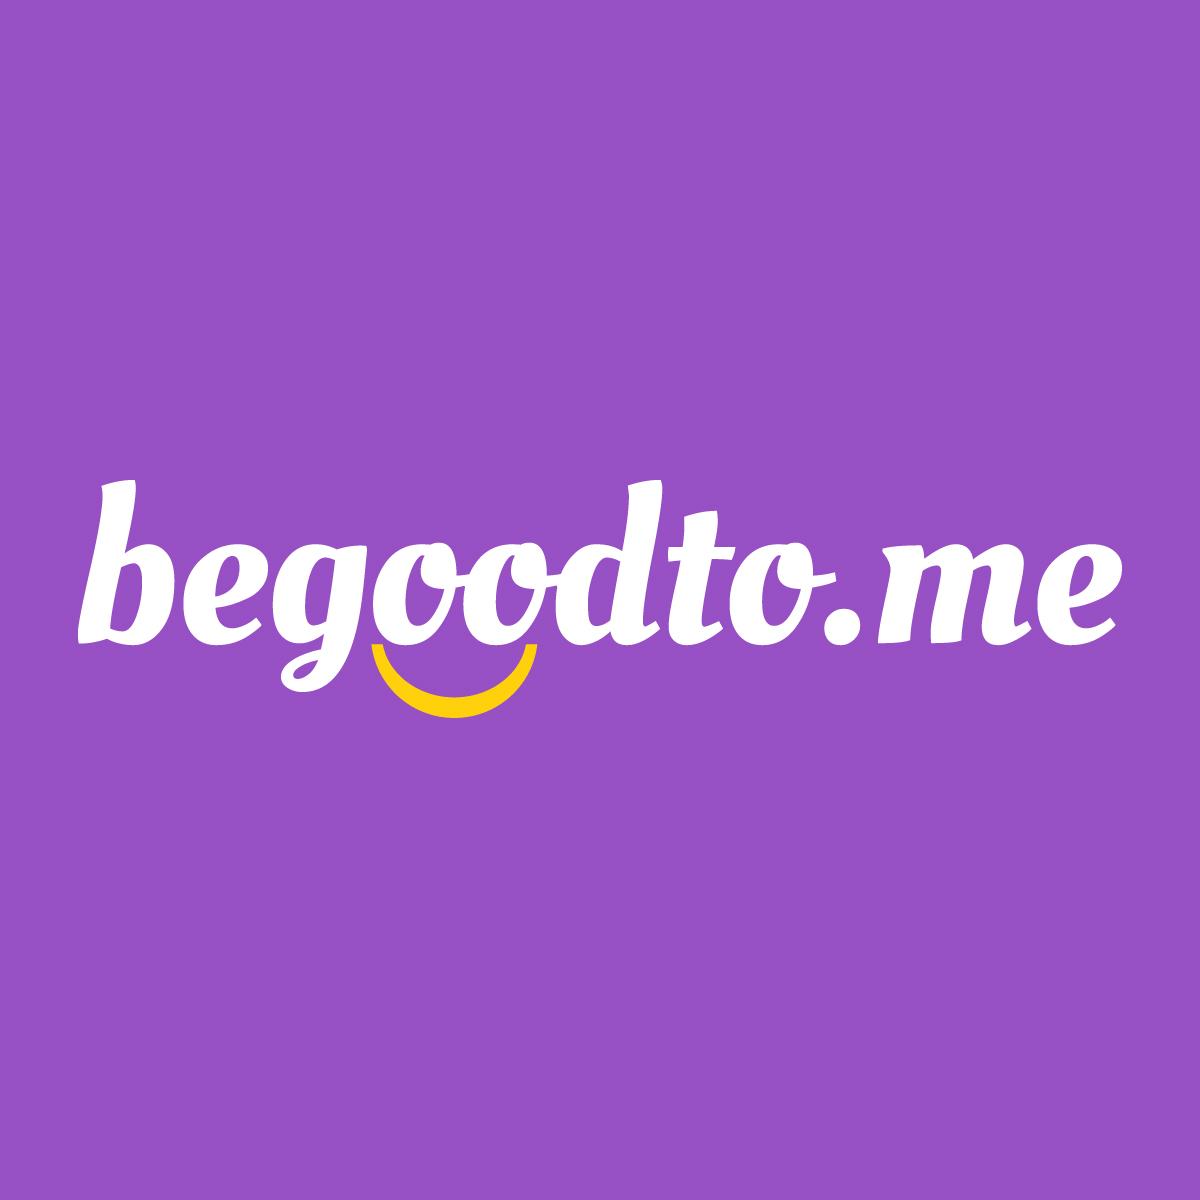 Boyner iyilik hareketini büyütüyor: İyilikleri paylaşarak çoğaltmayı amaçlayan uygulama begoodto.me